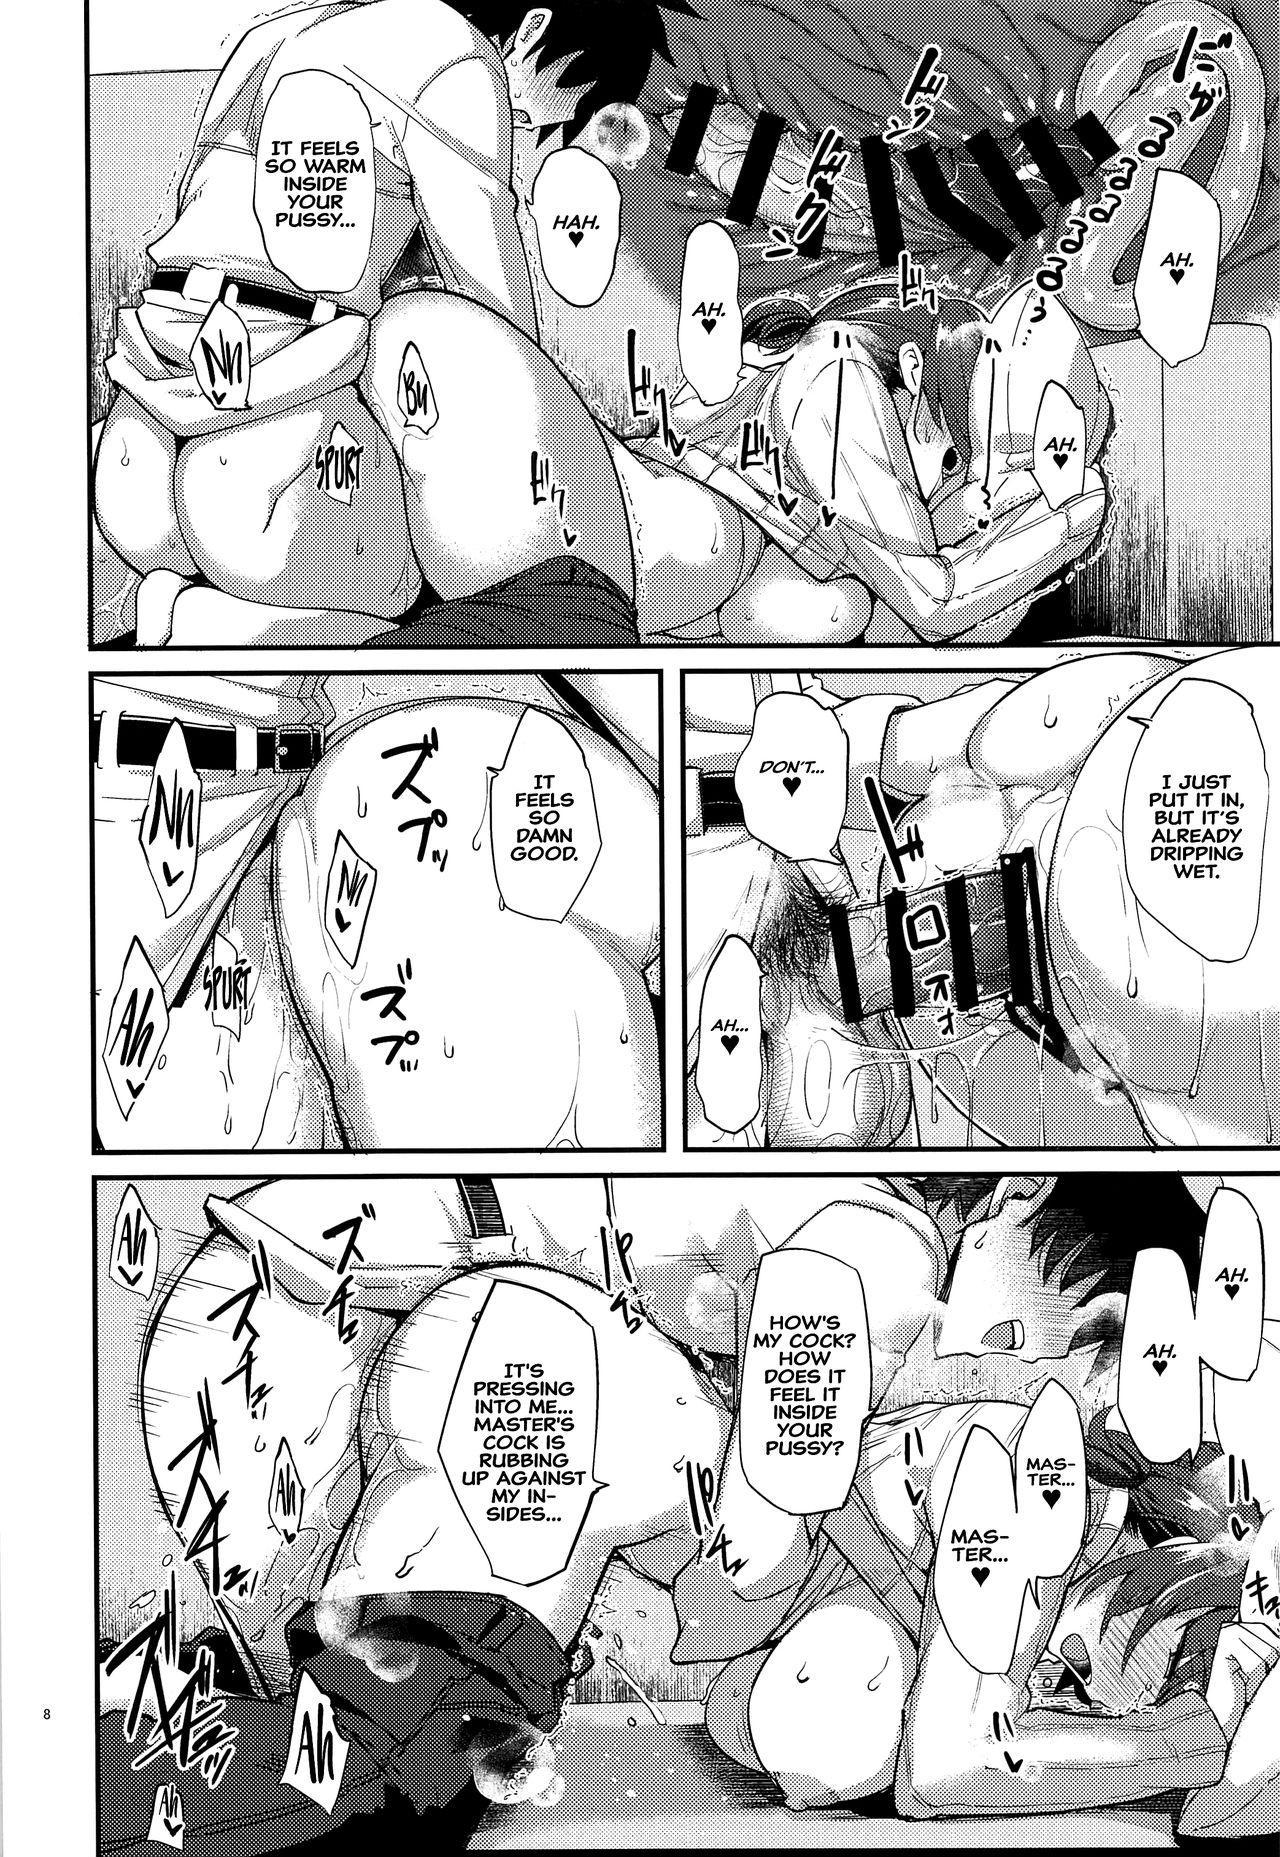 Boudica to Tsukiaidashite Kekkou Tachimashita.   It's Been A While Since I Started Dating Boudica. 6